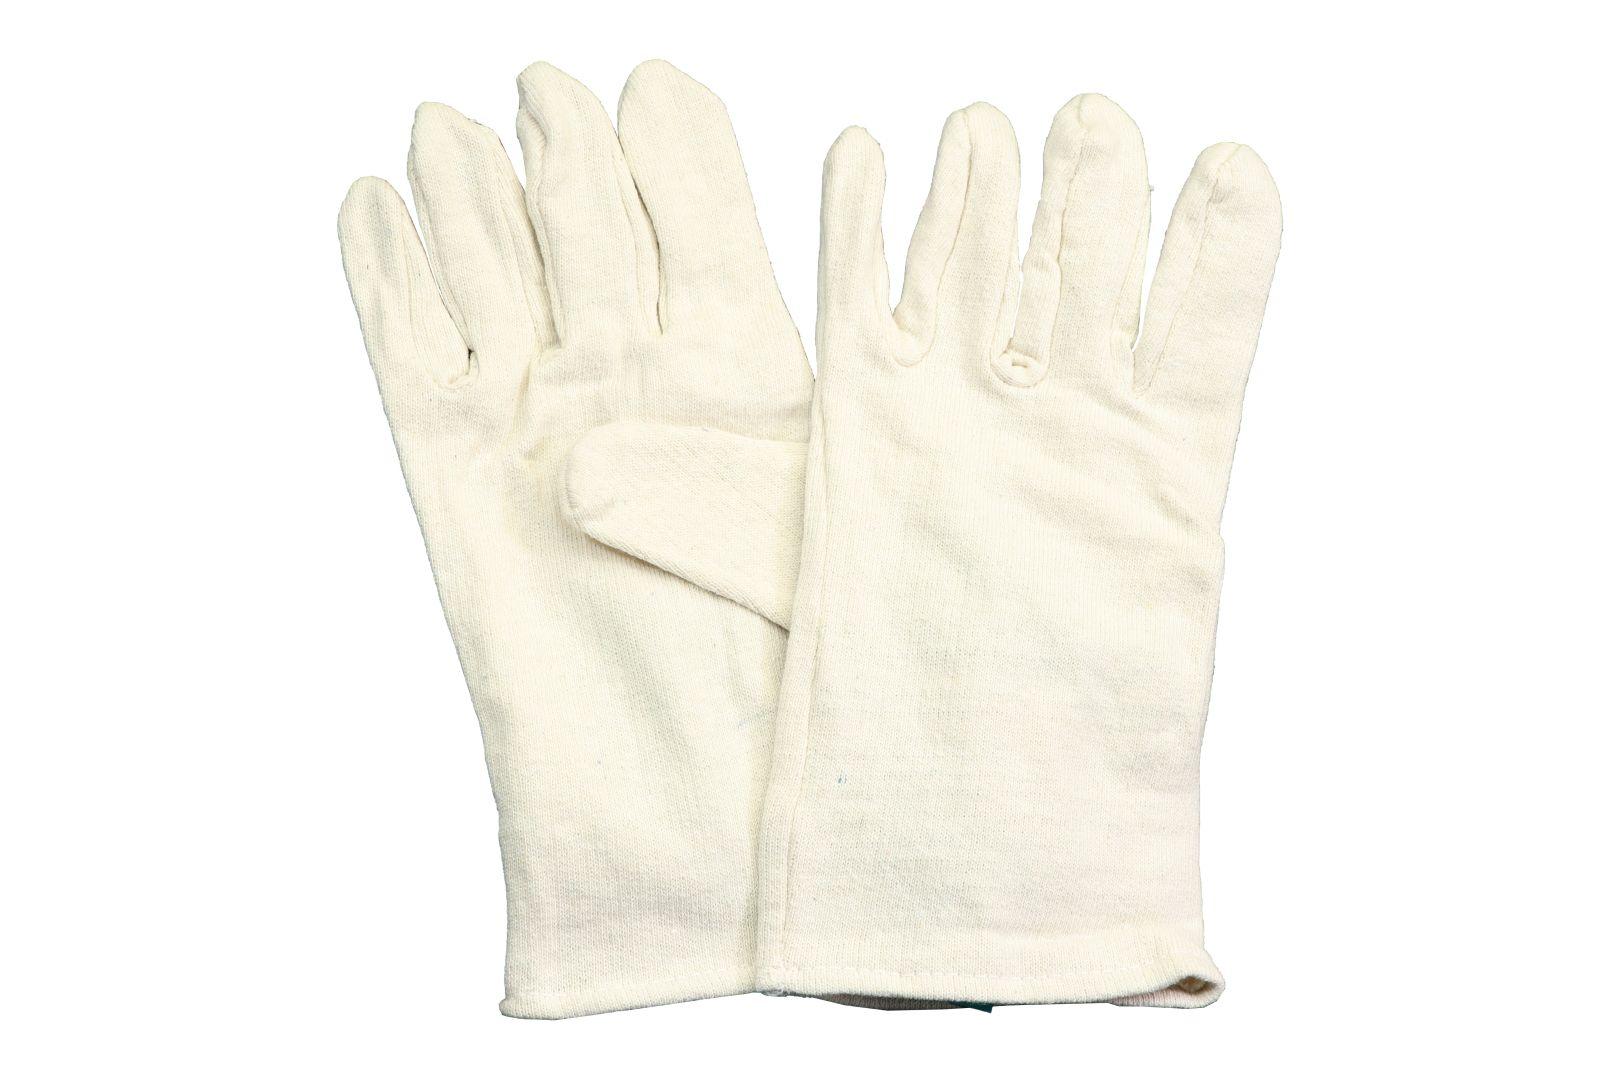 L+D JERSEY Baumwoll-Trikot-Handschuh